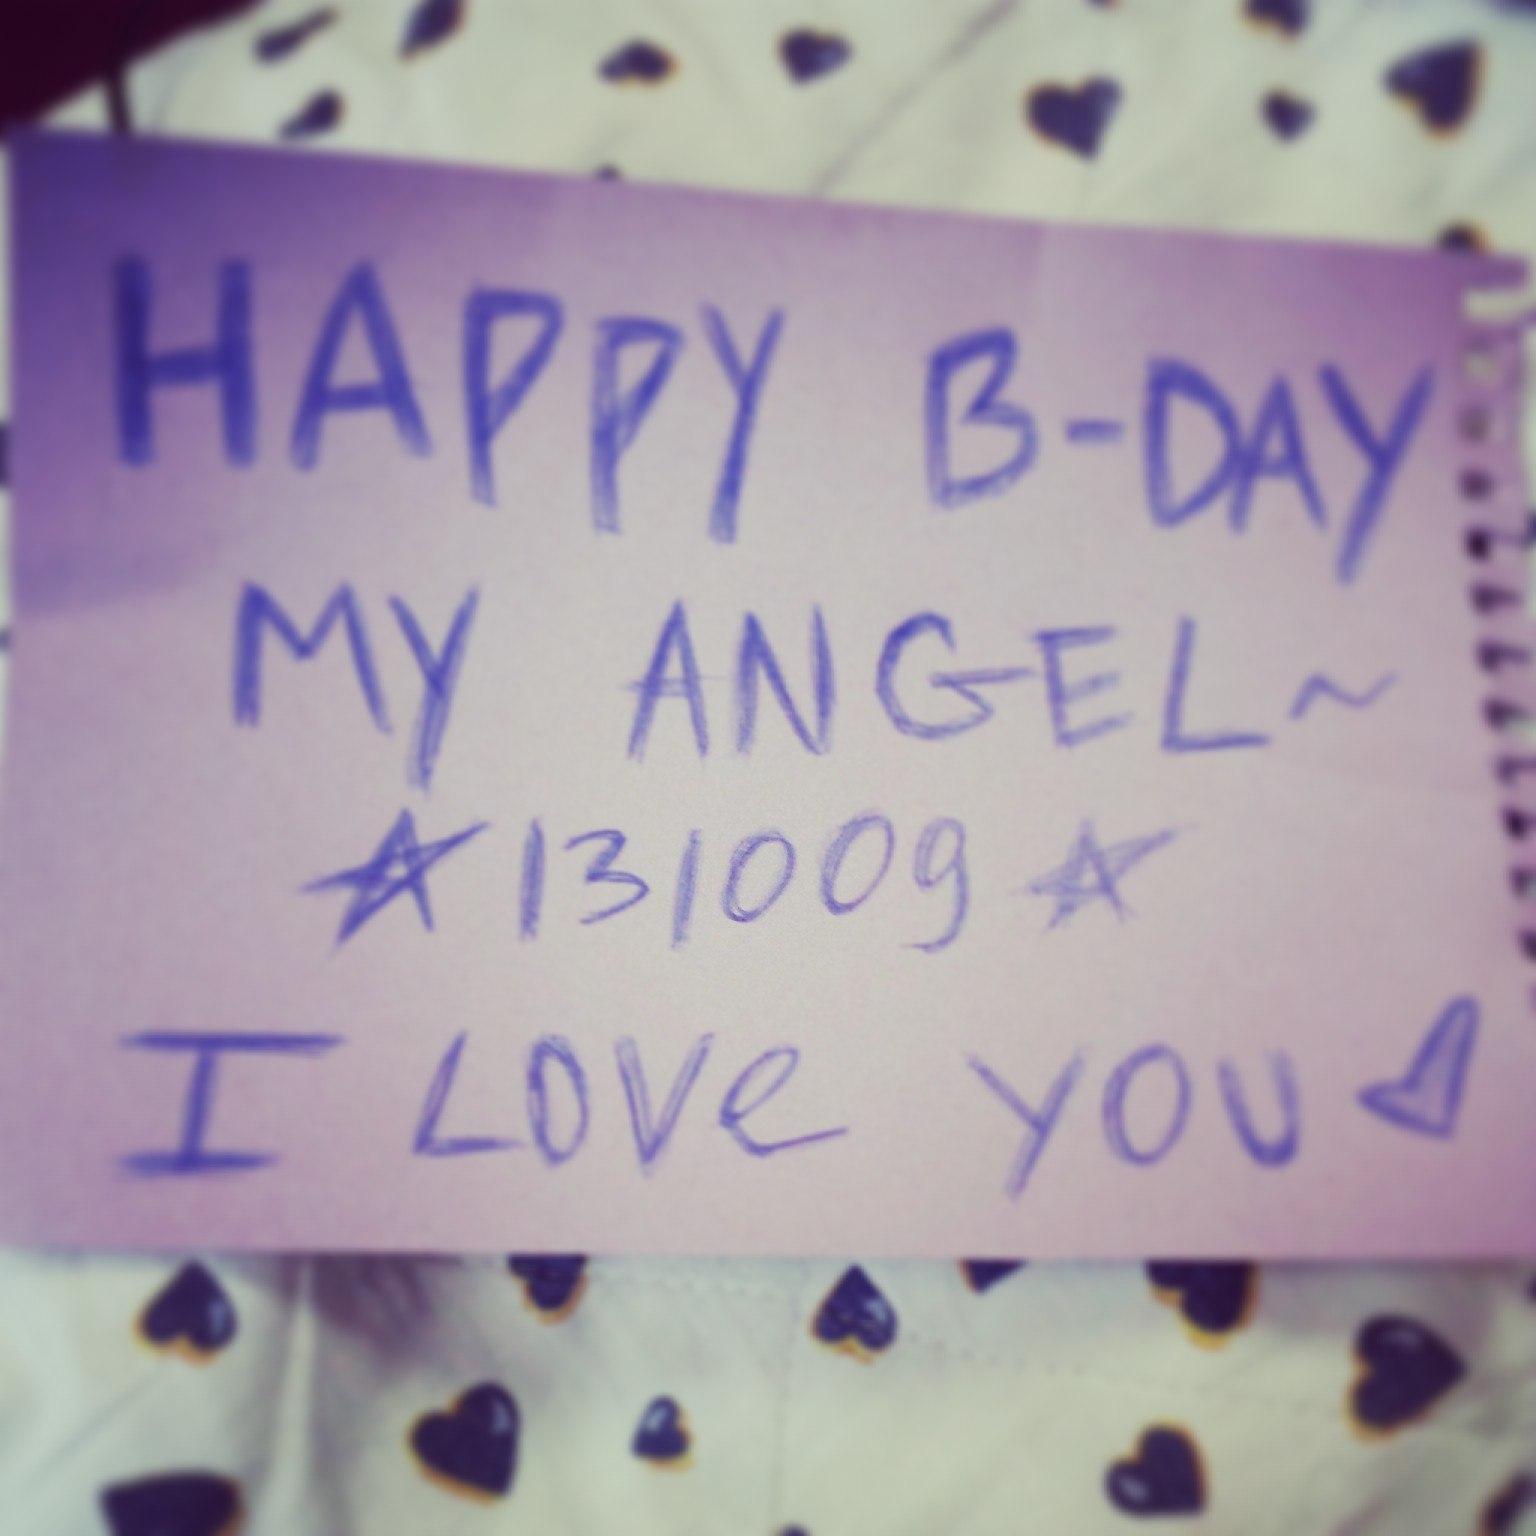 С днём рождения ангел~ - Страница 2 ZwX2U1pRZWY